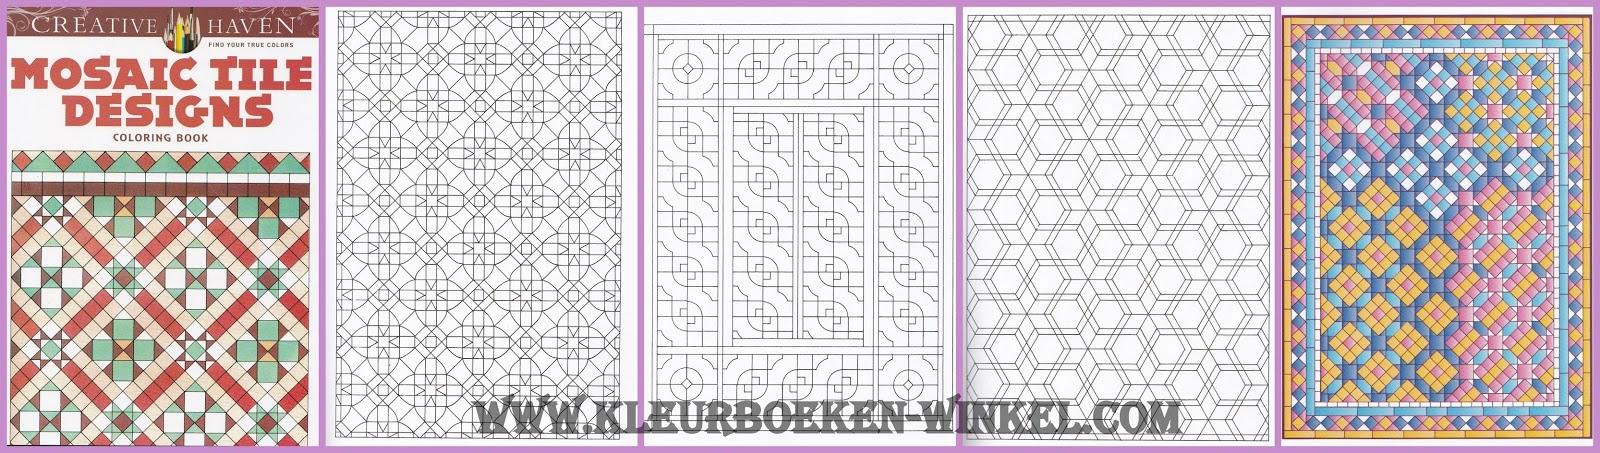 kleurboek mosaic tile designs van kleurboeken winkel